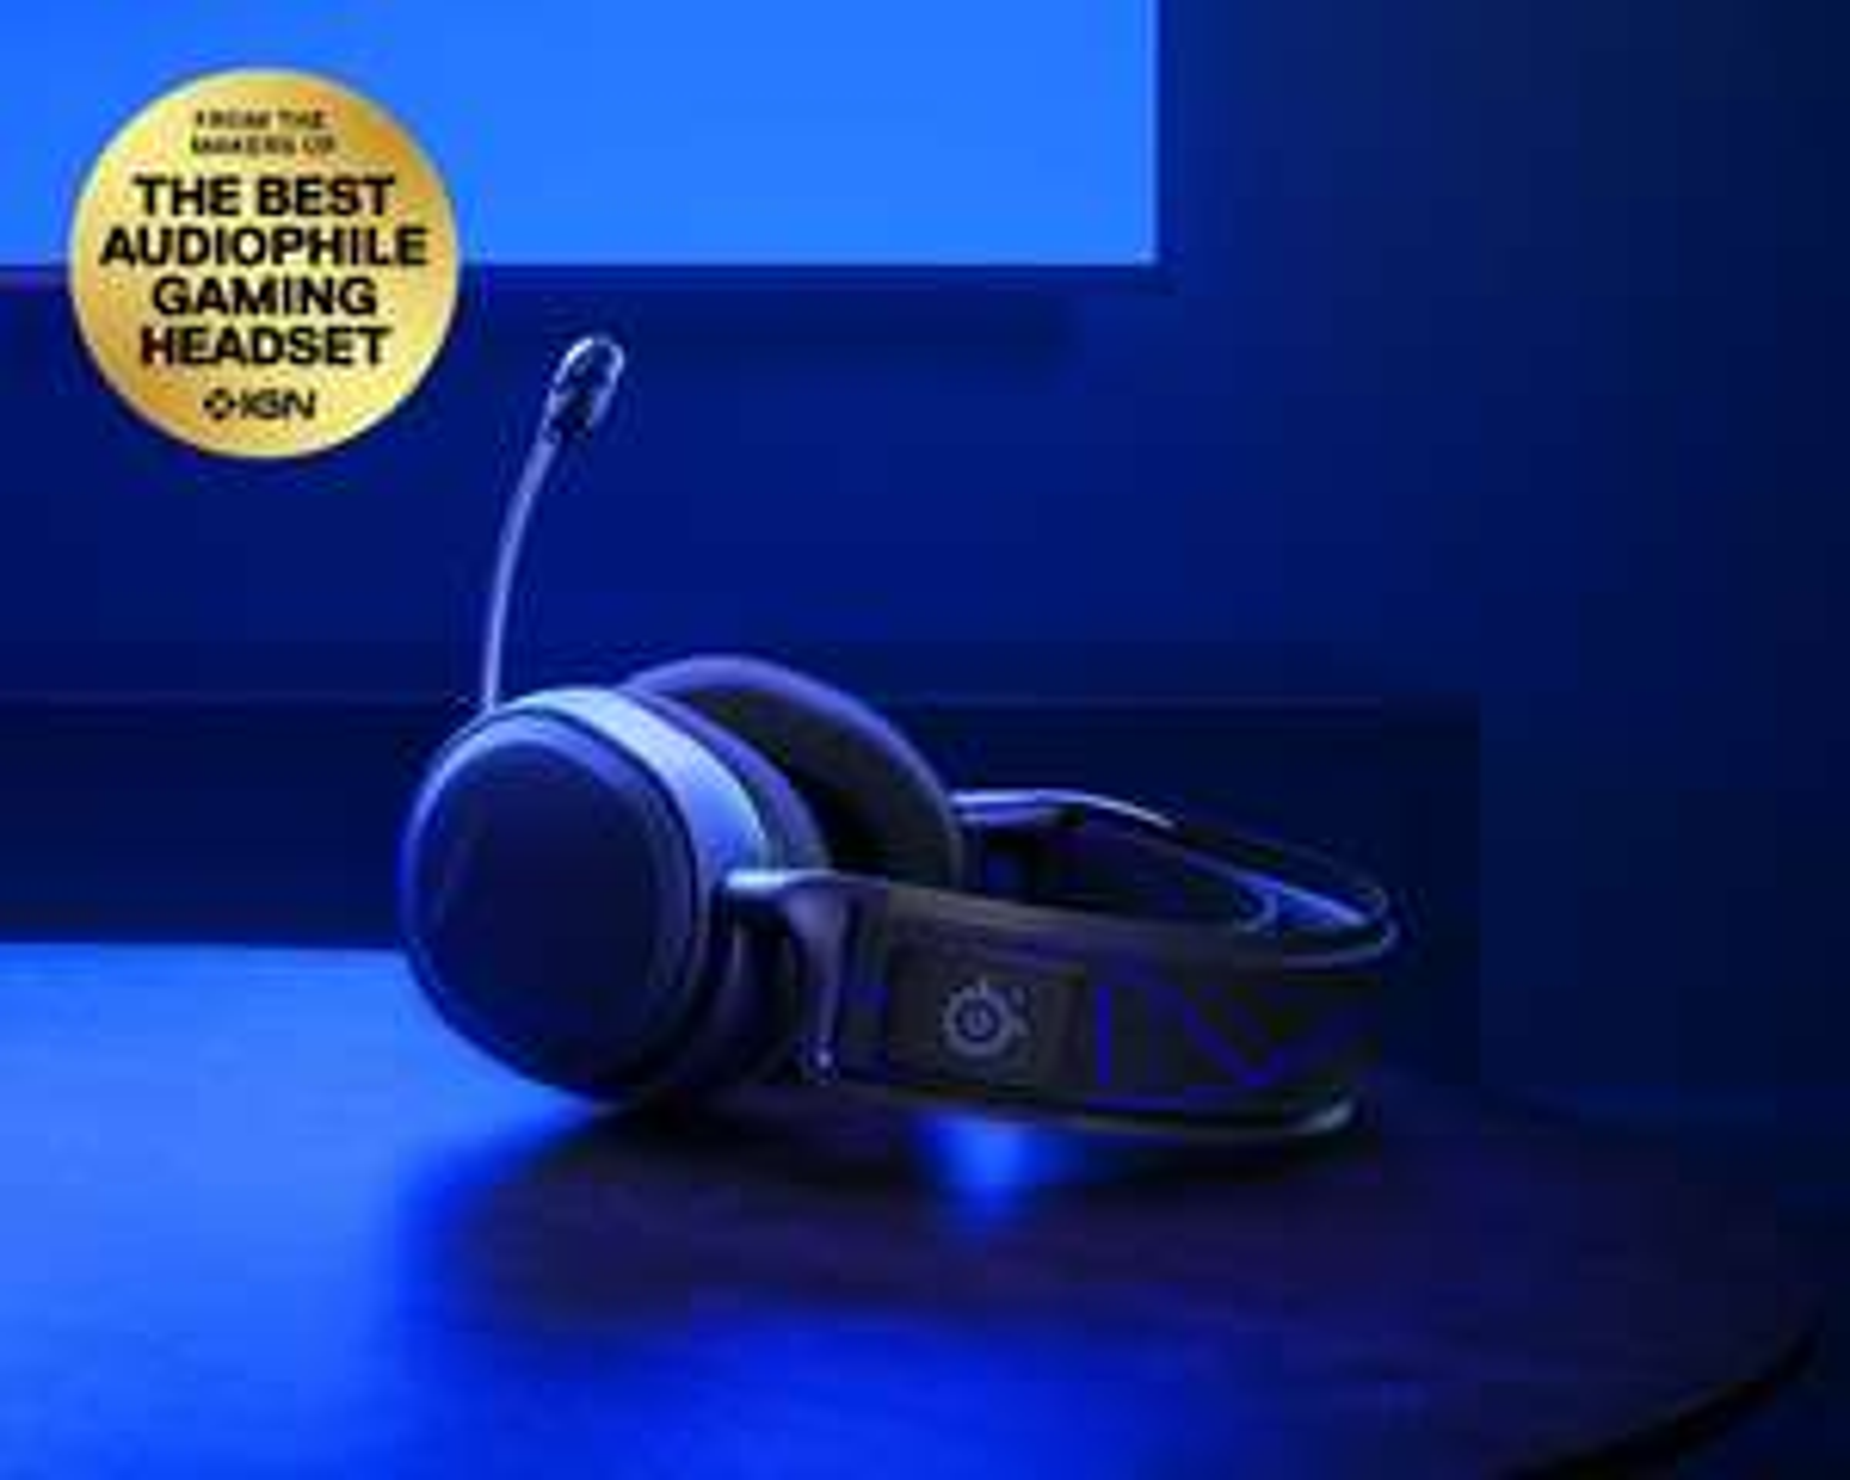 Steelseries Arctis 7P/7X headset